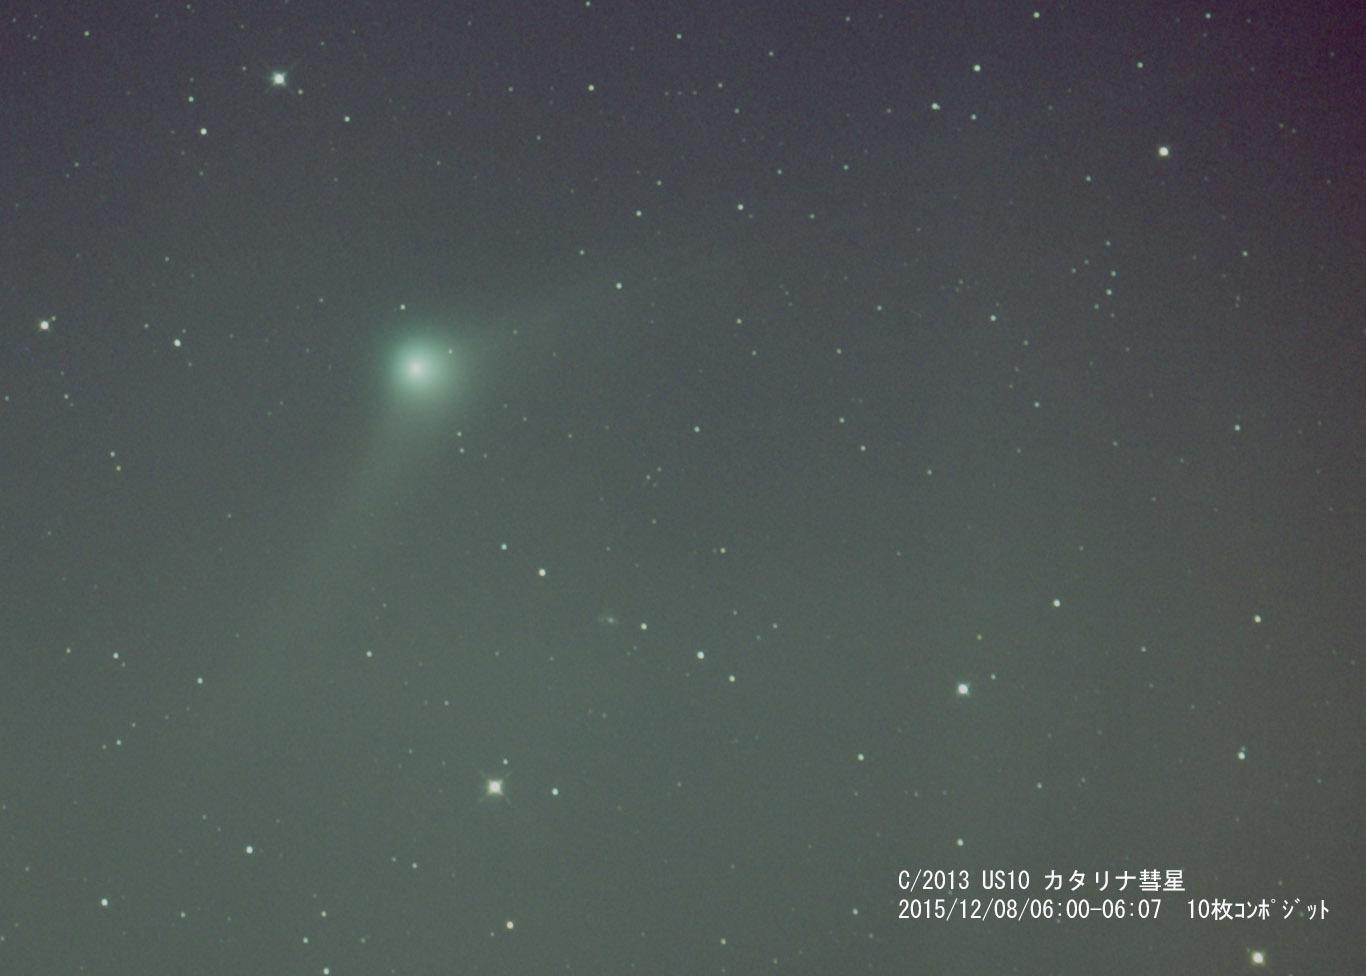 12月8日のカタリナ彗星_e0174091_18232550.jpg